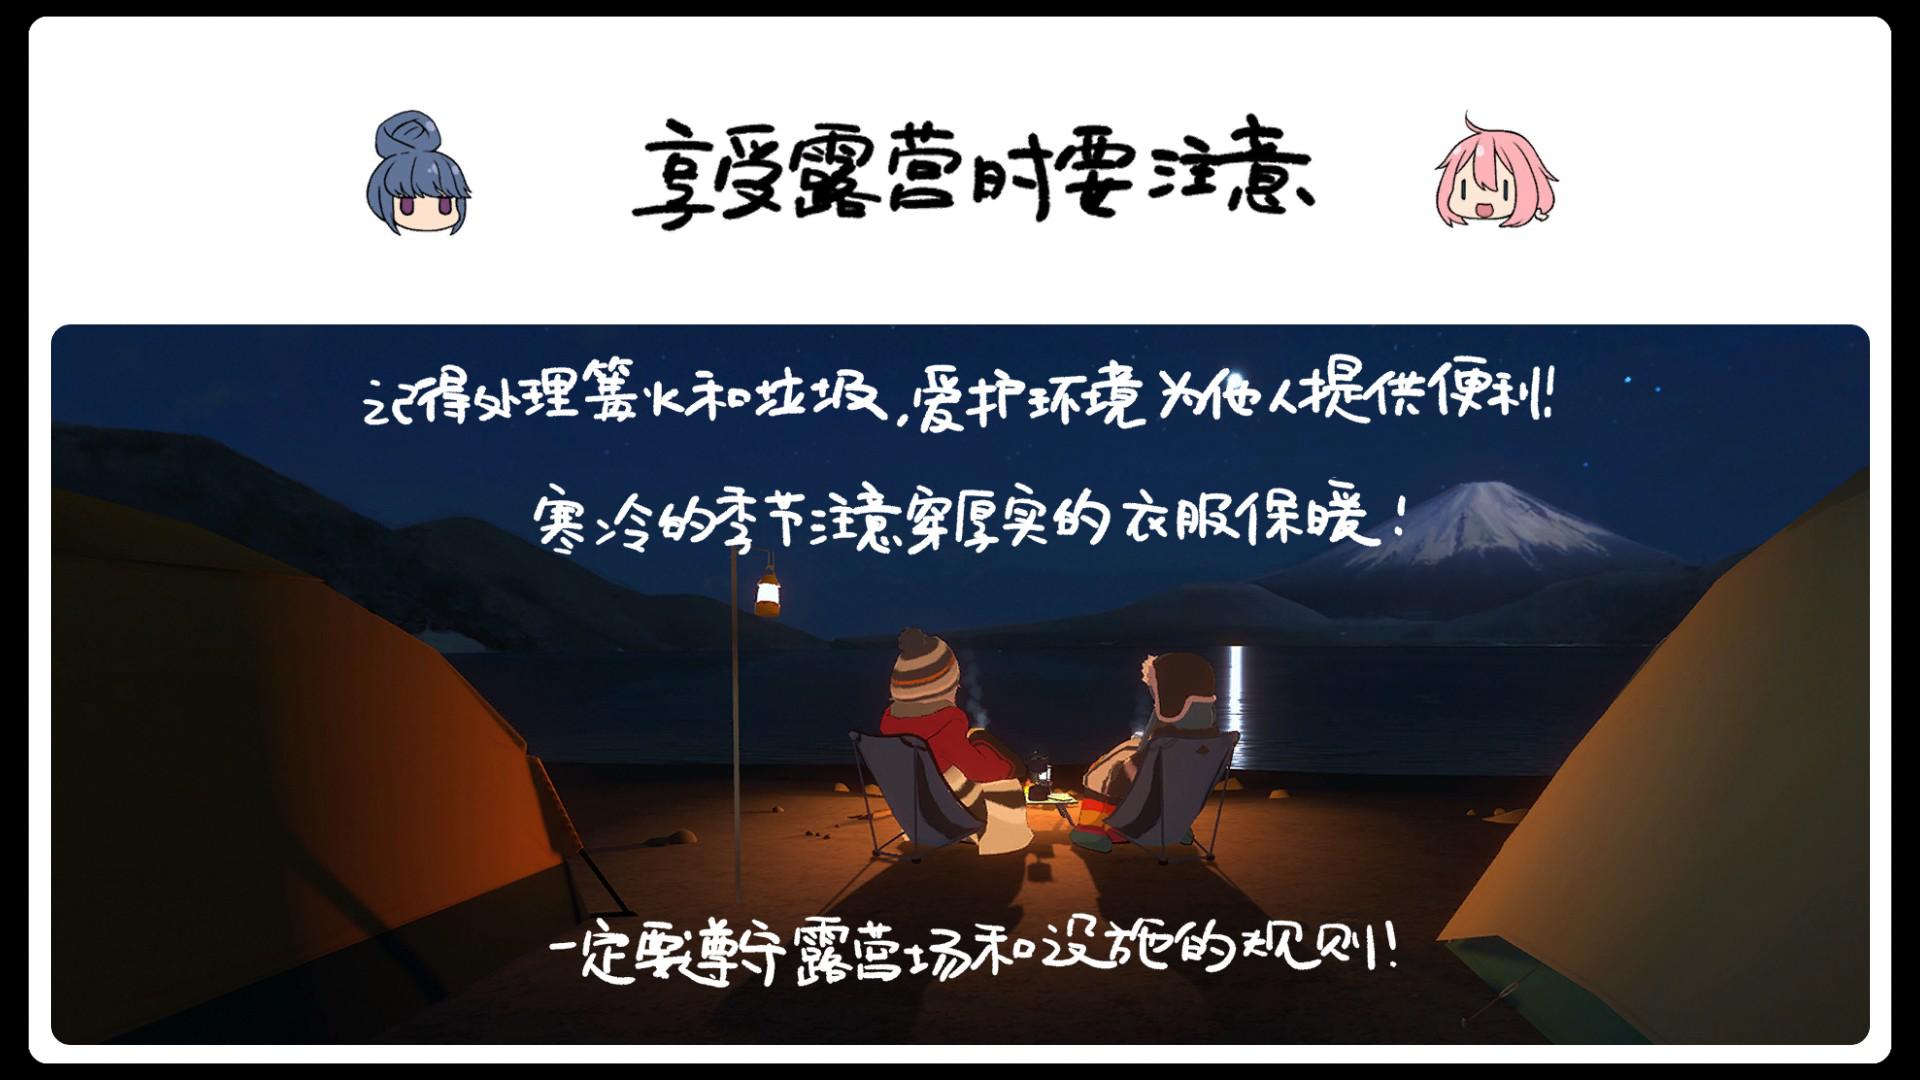 《摇曳露营△~本栖湖篇~》评测:属于《摇曳露营》的魅力